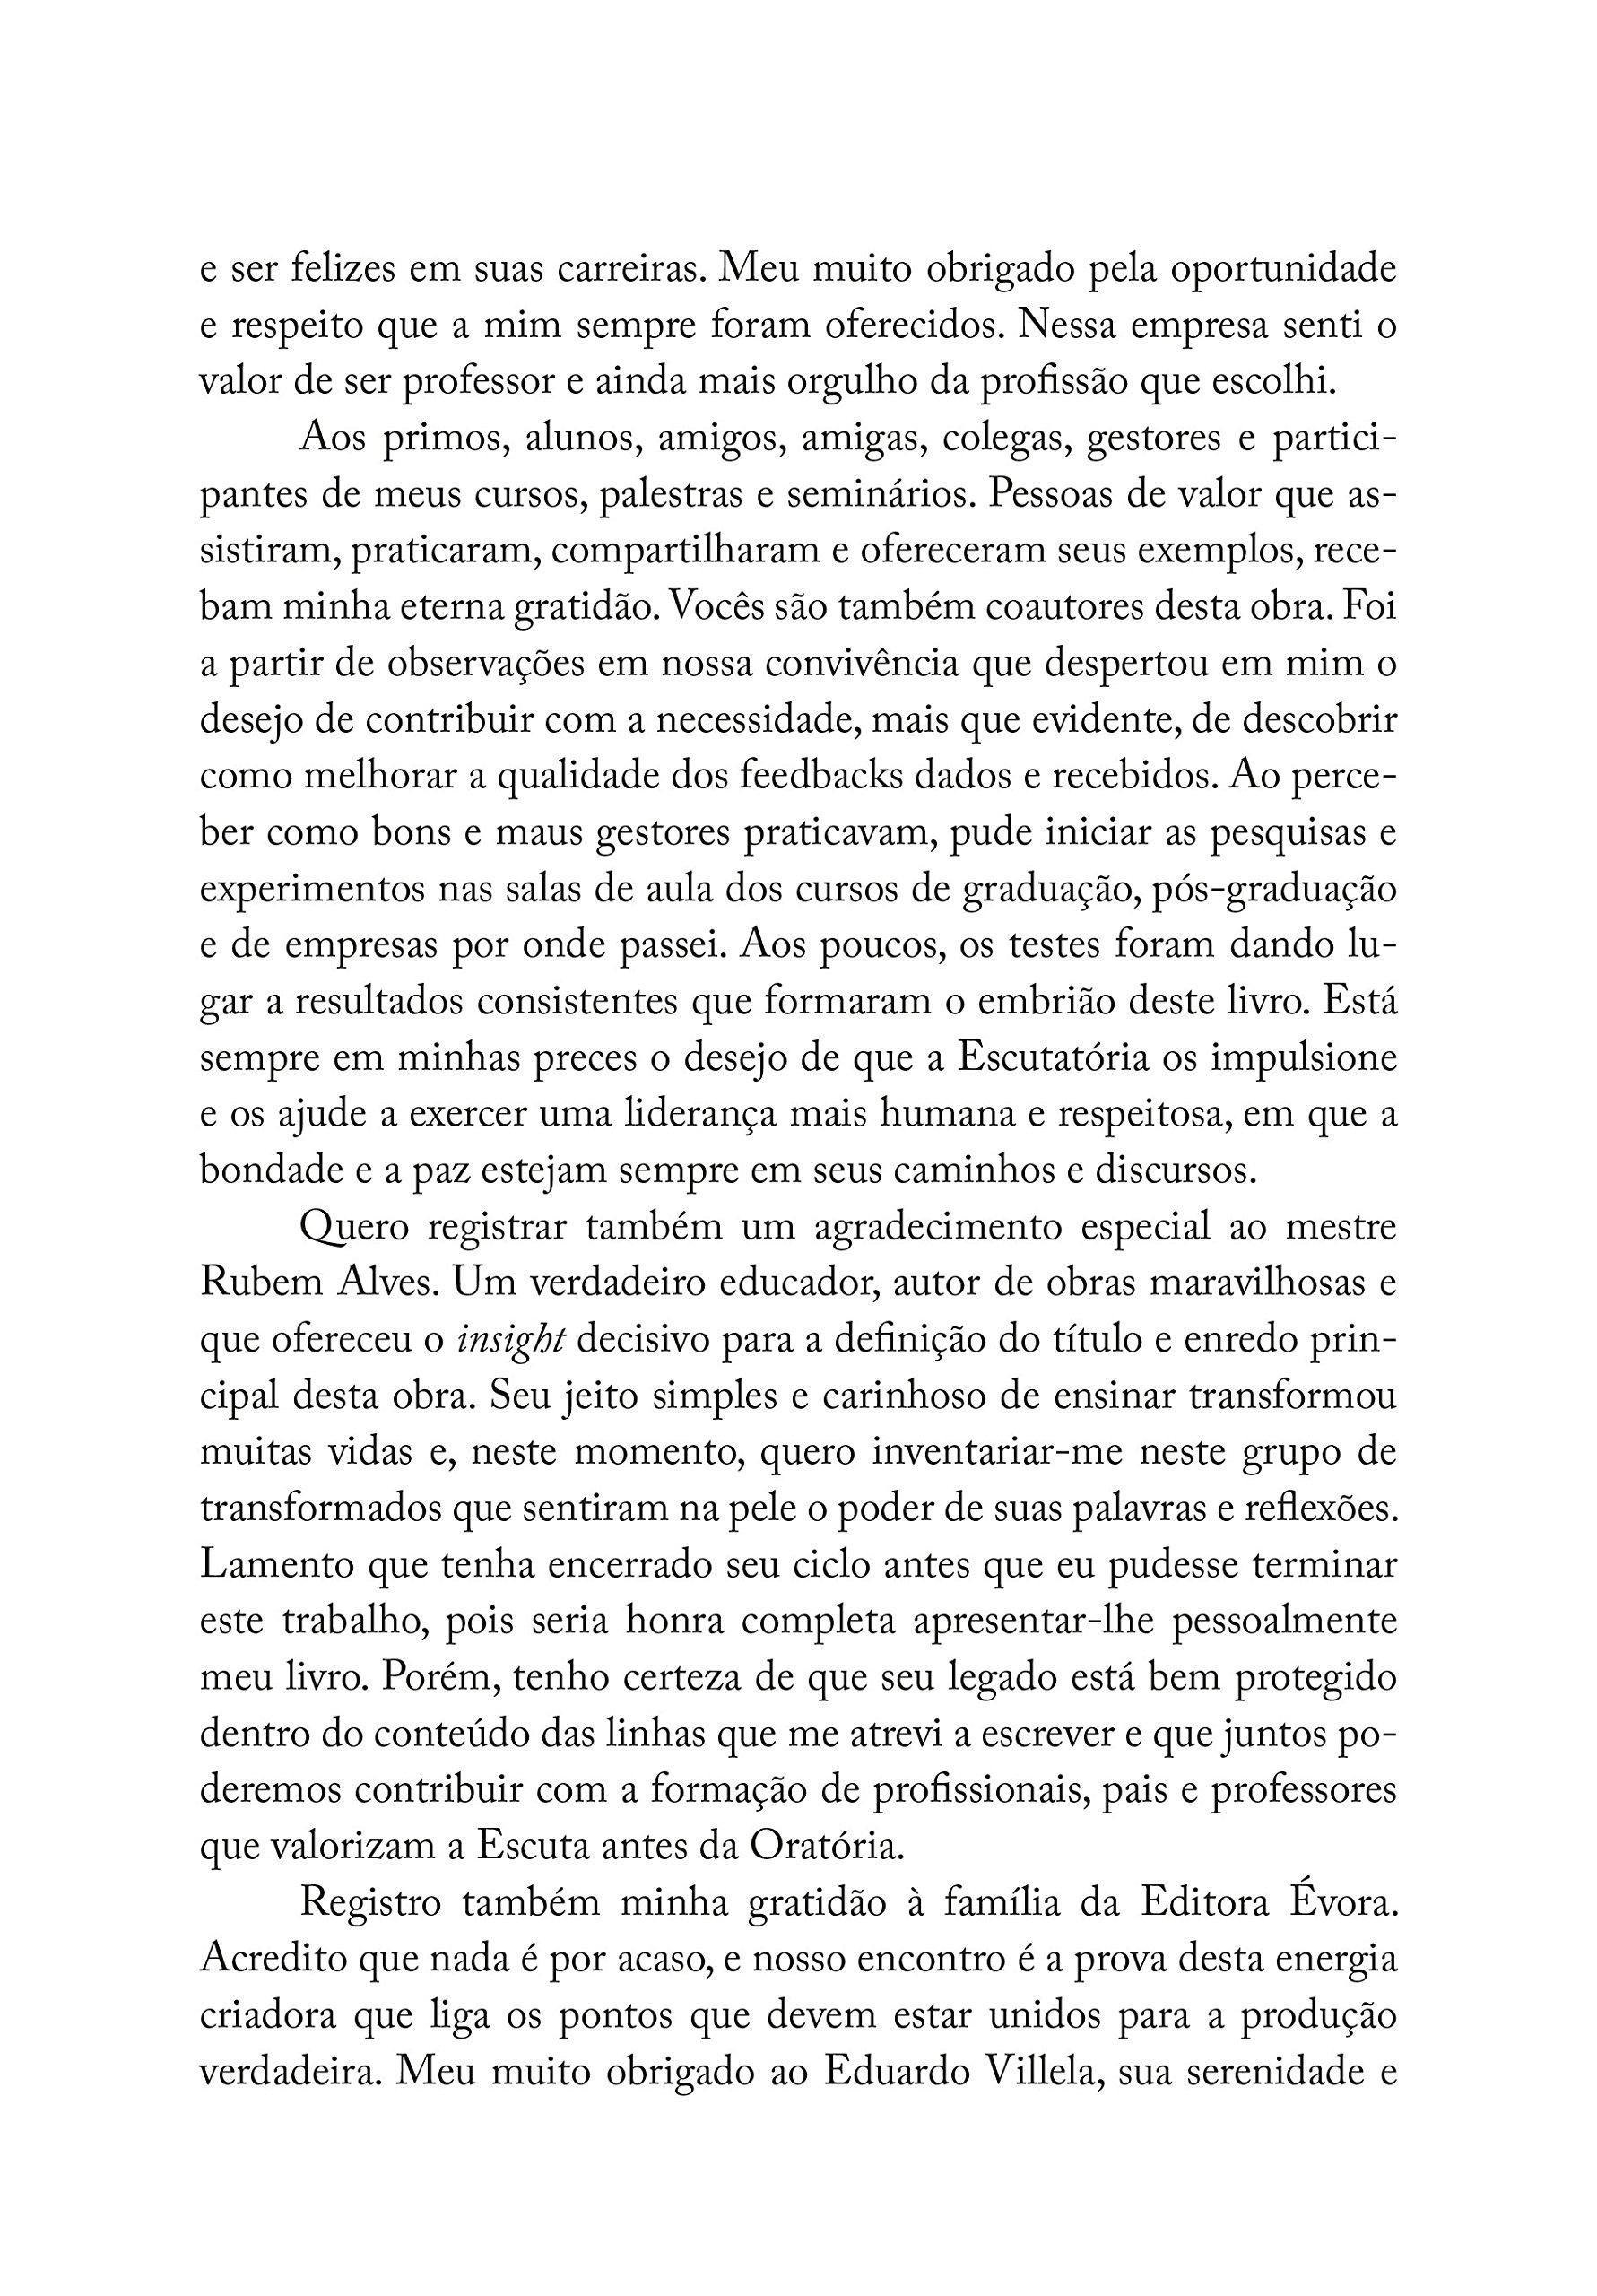 Livro amazon 7.jpg